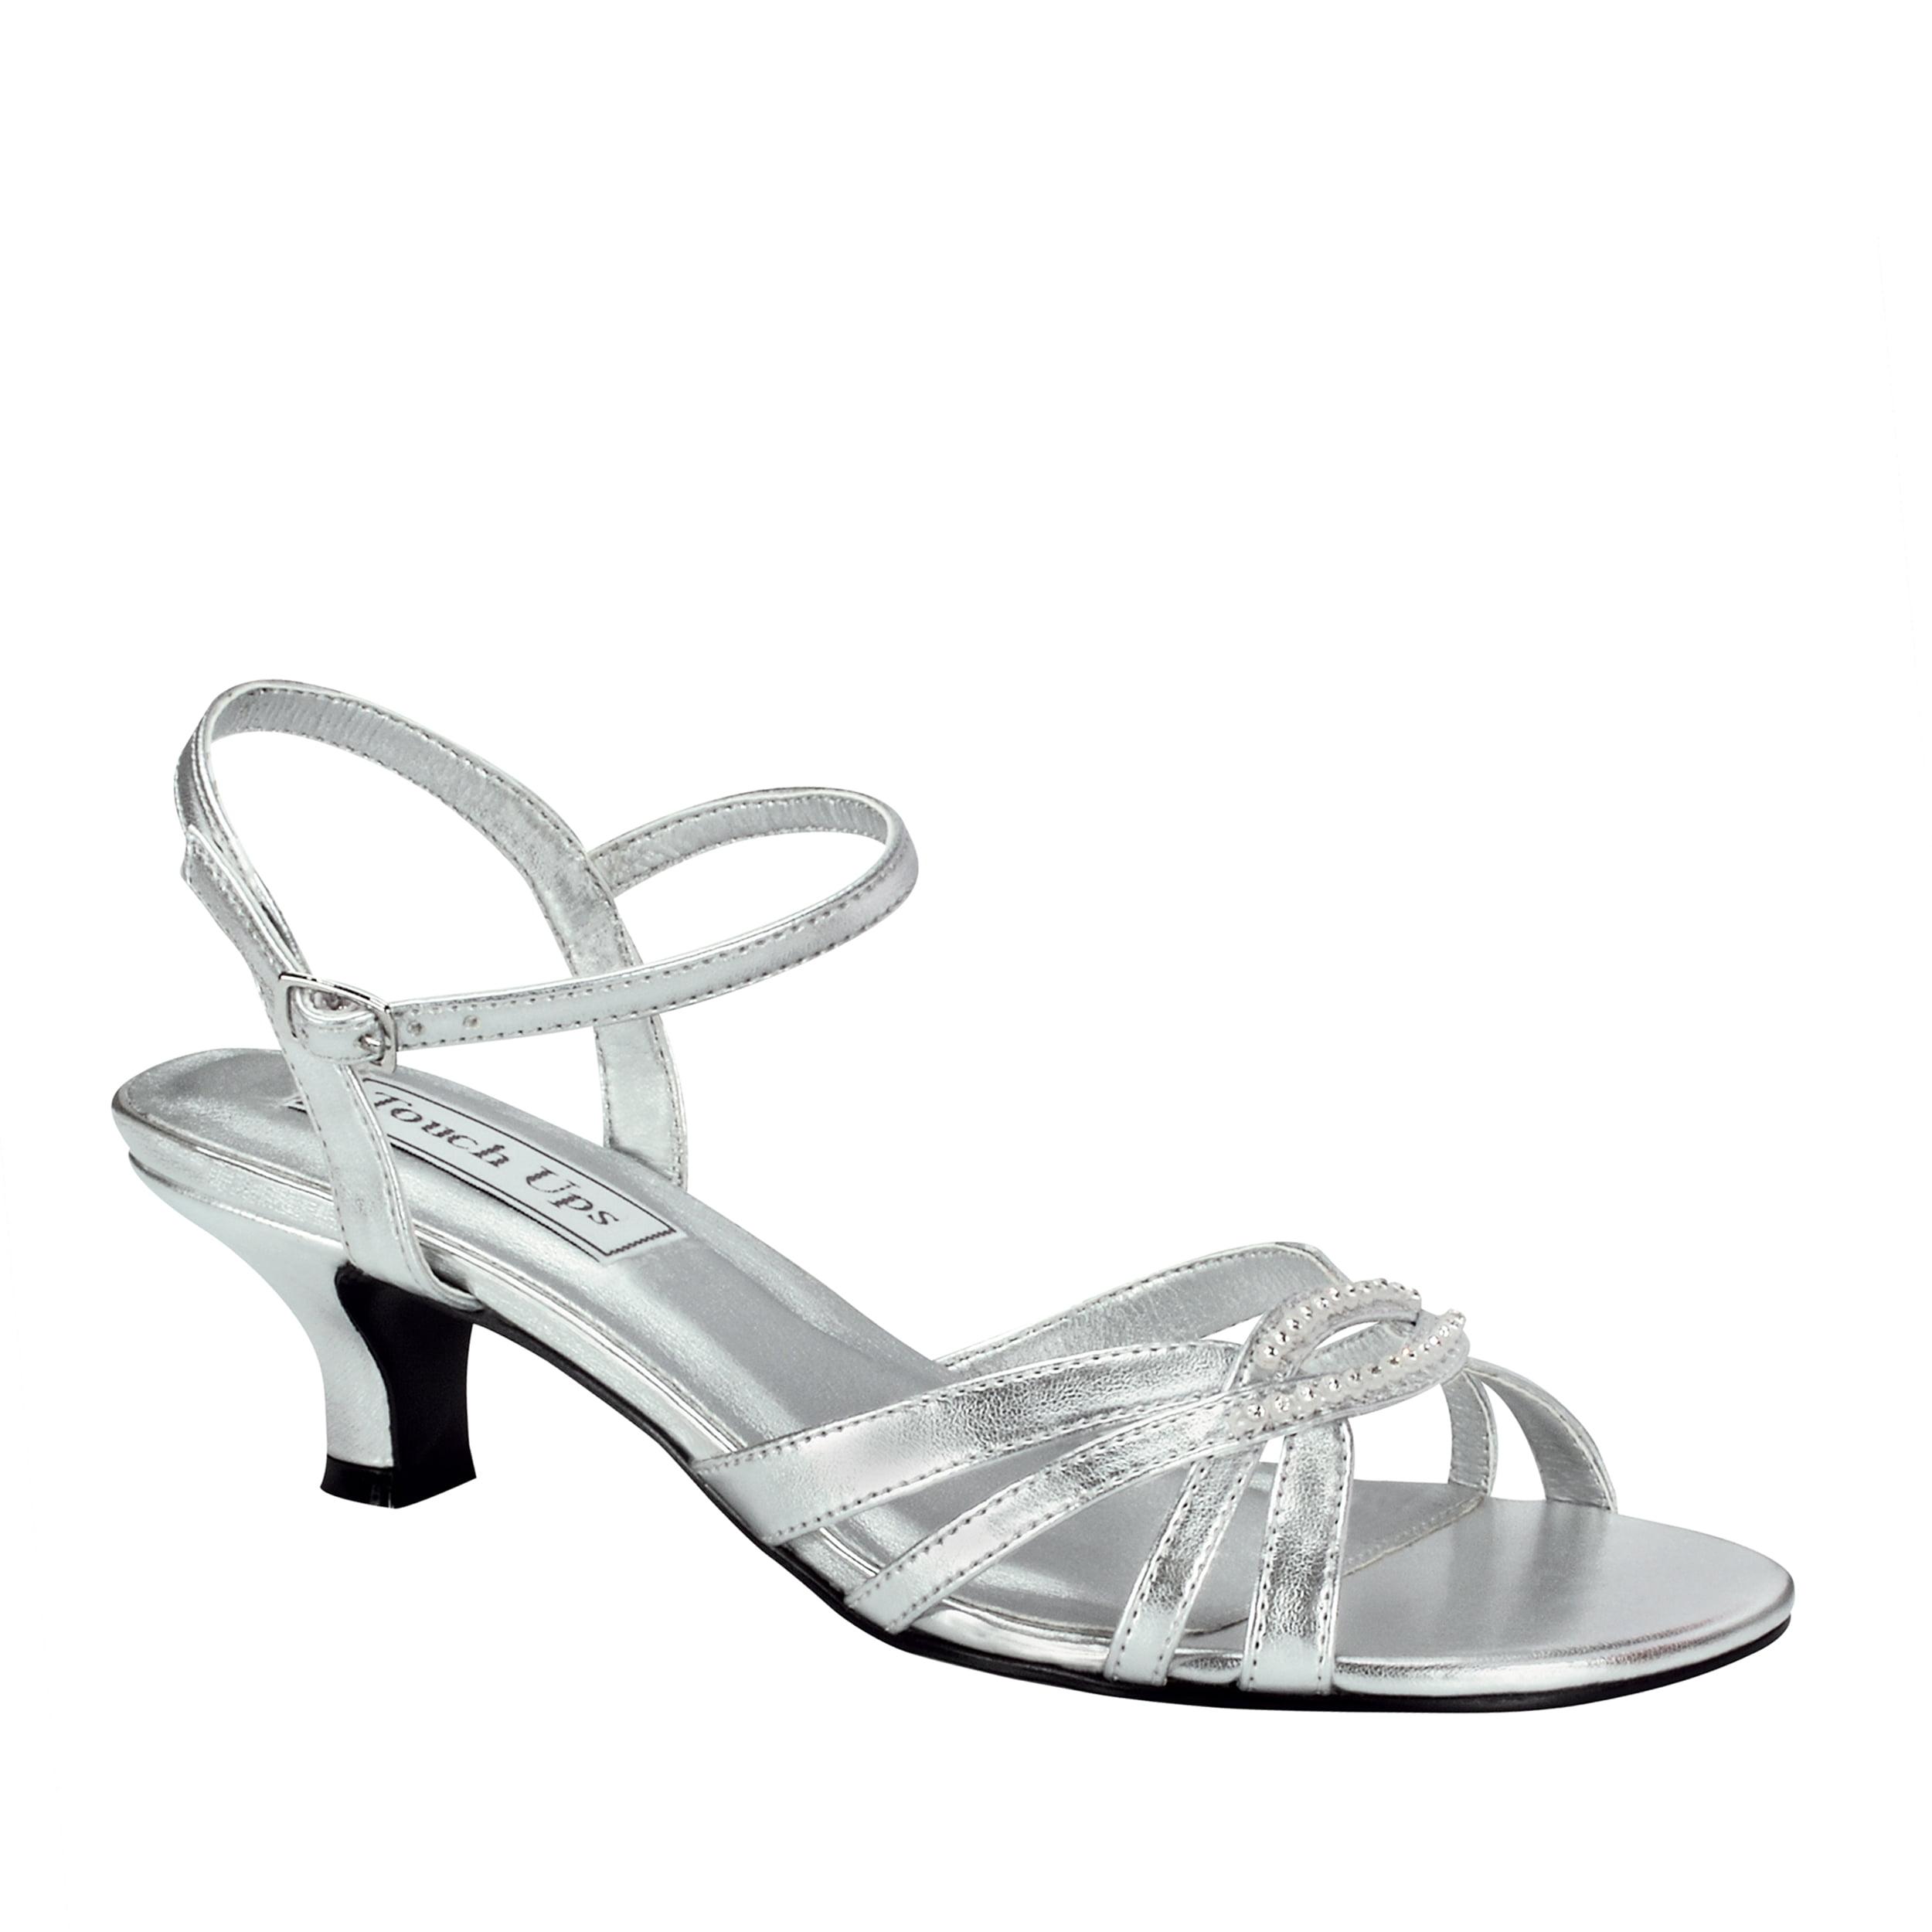 Touch Ups Womens Dakota Sandal,Silver,6.5 W US